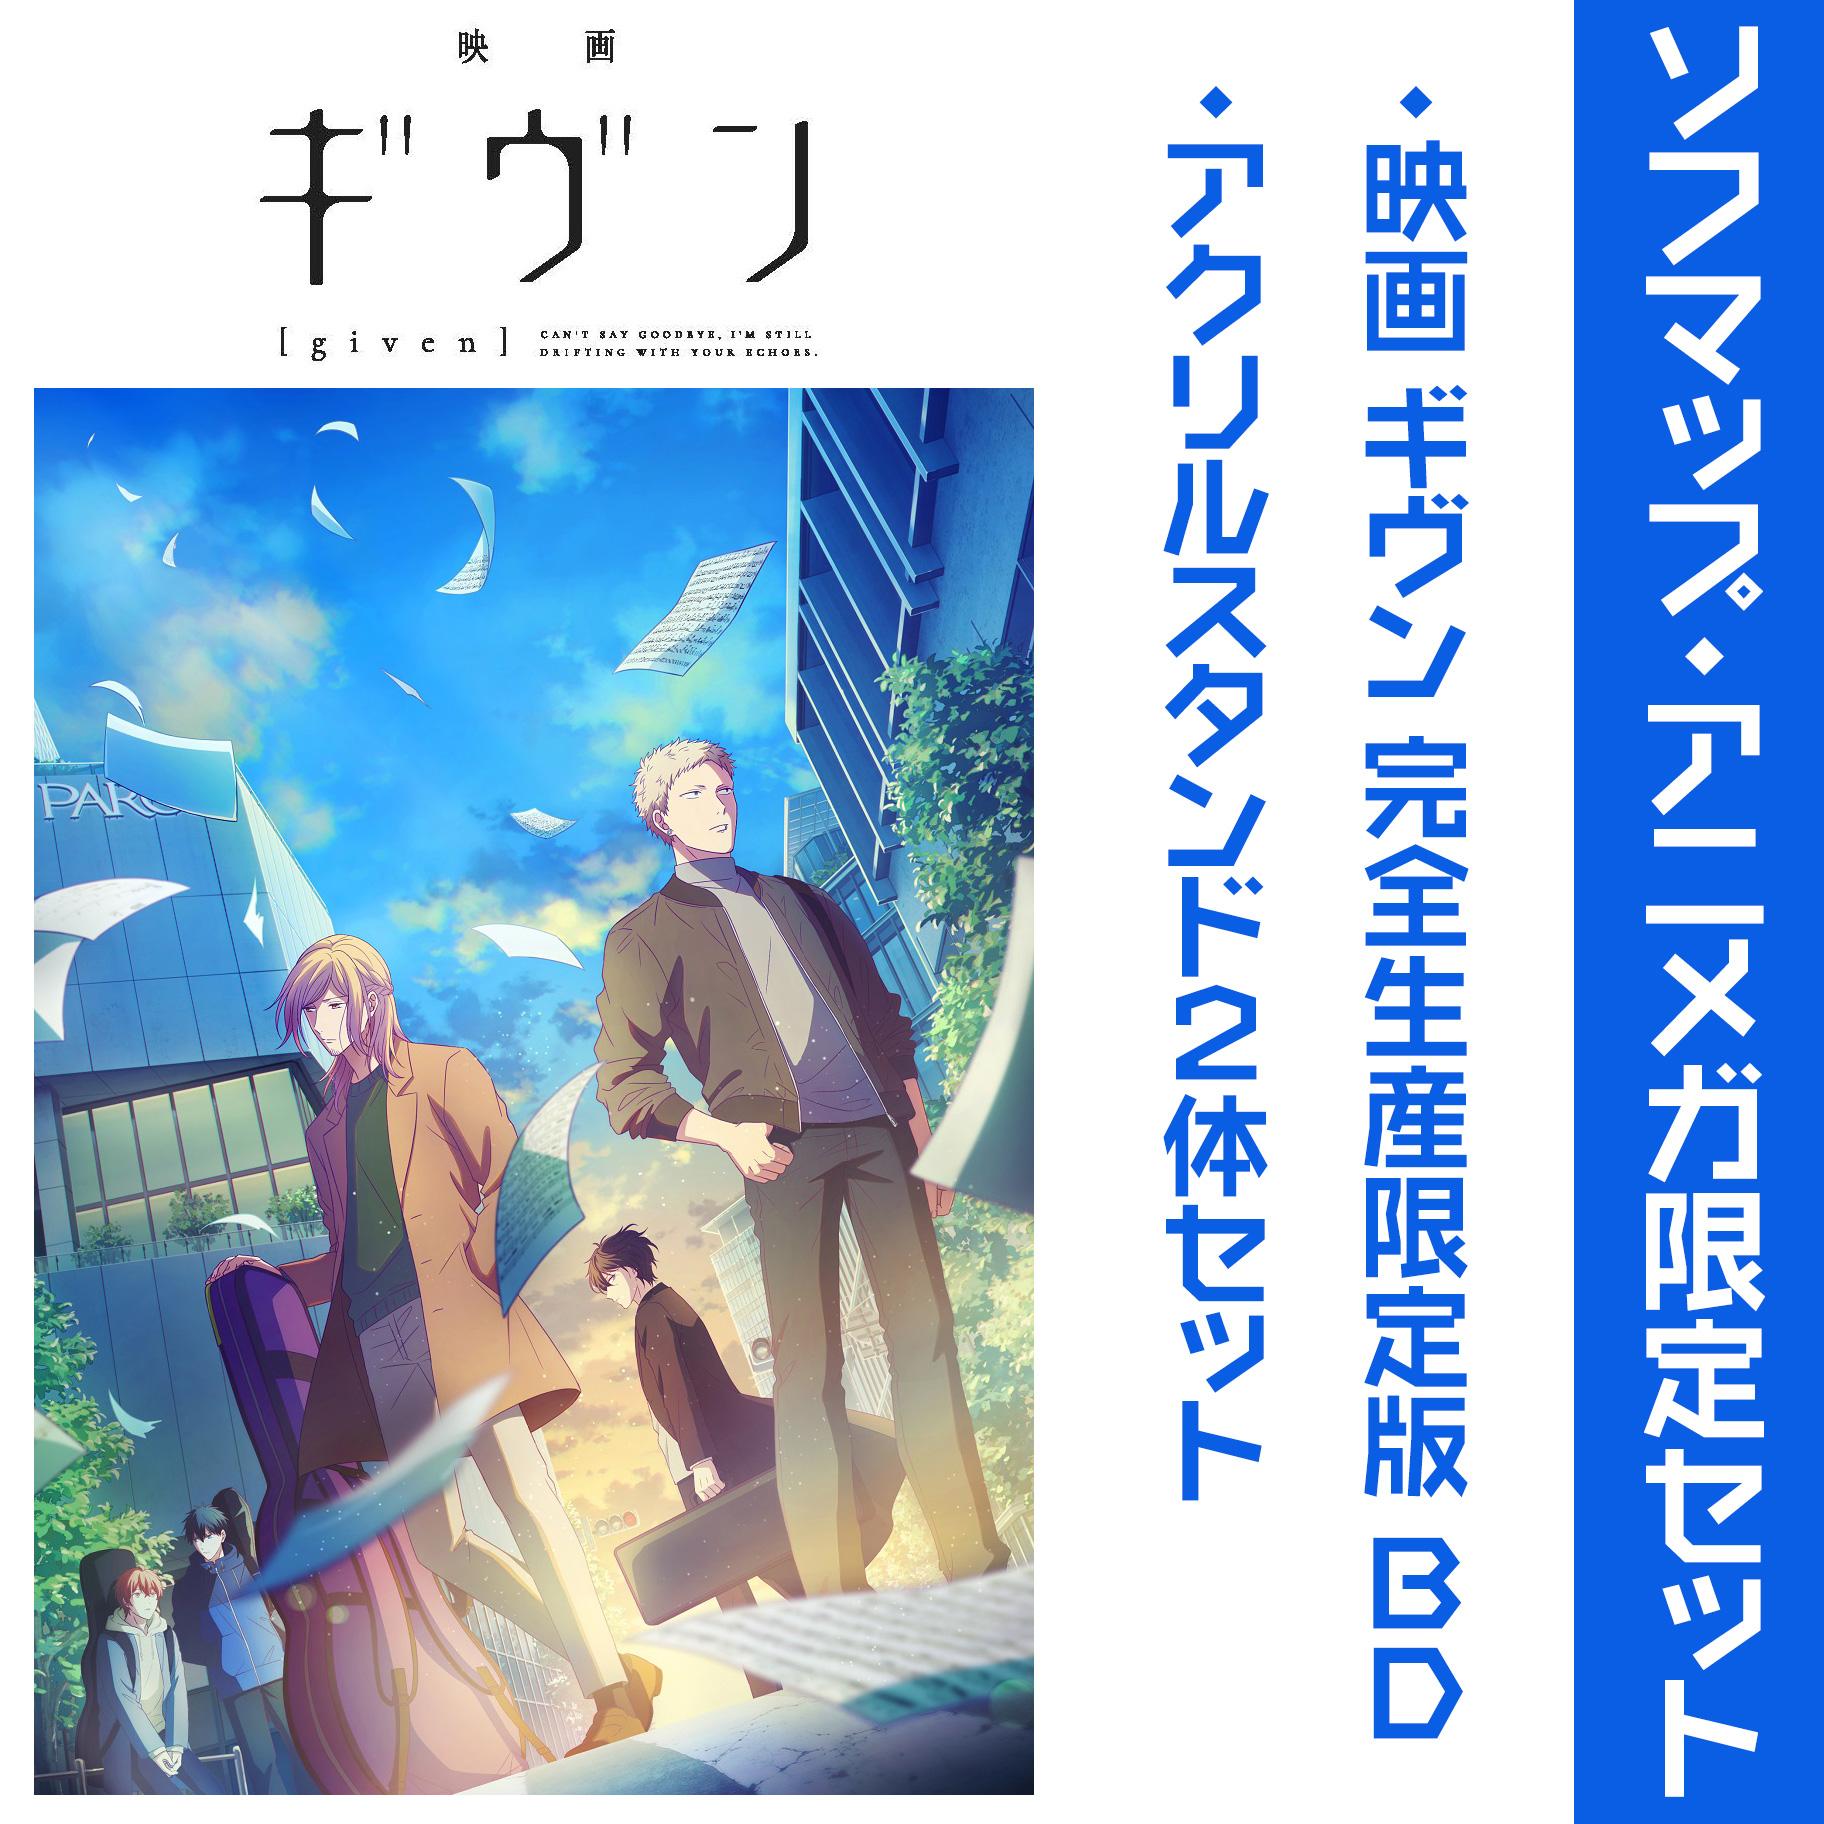 映画 ギヴン 完全生産限定版 Blu-ray アクリルスタンド2体セットつき ソフマップ・アニメガ限定セット